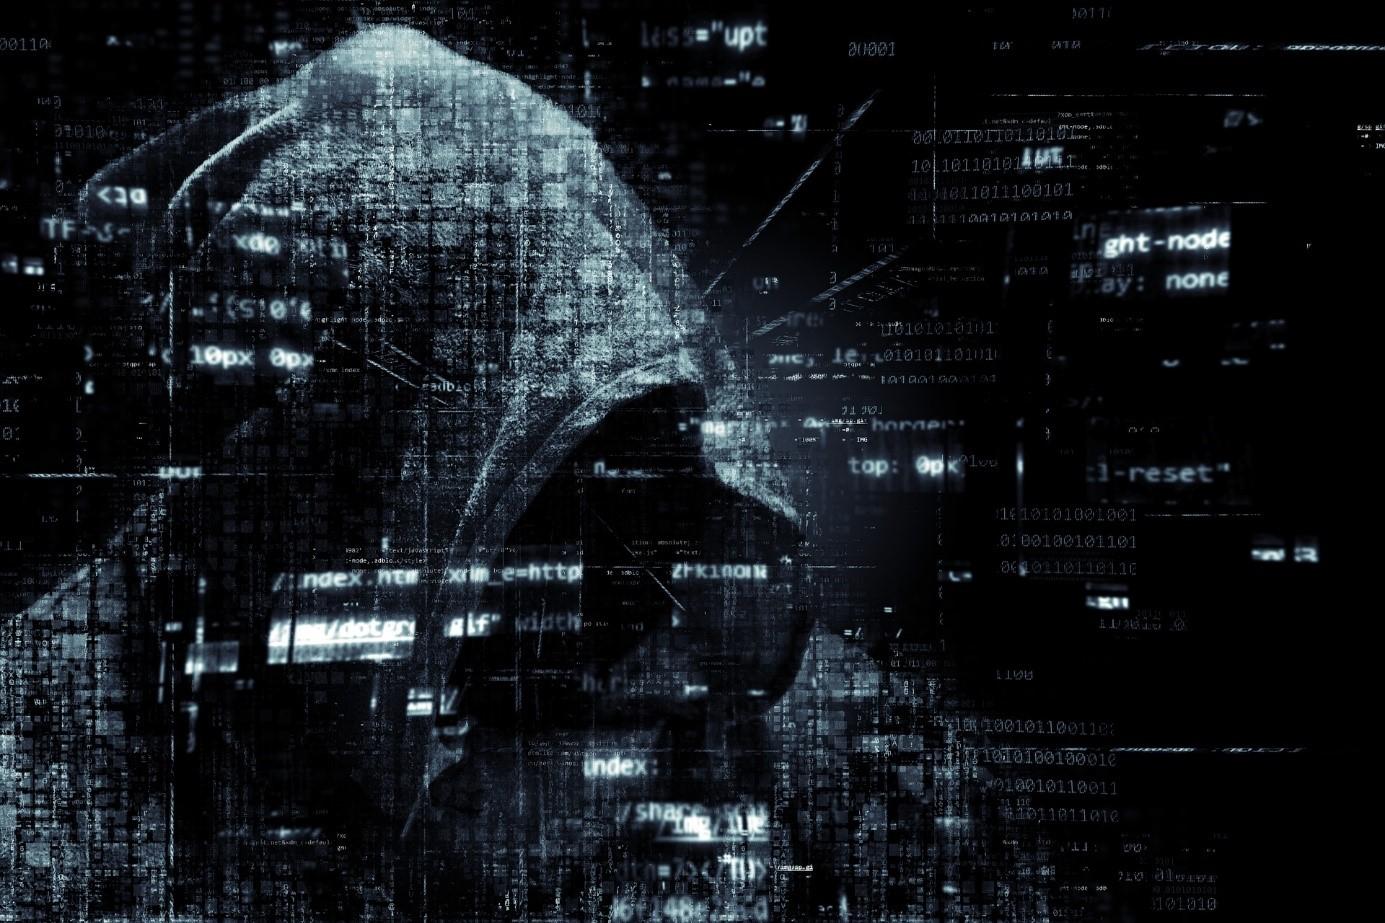 Identité et sécurité